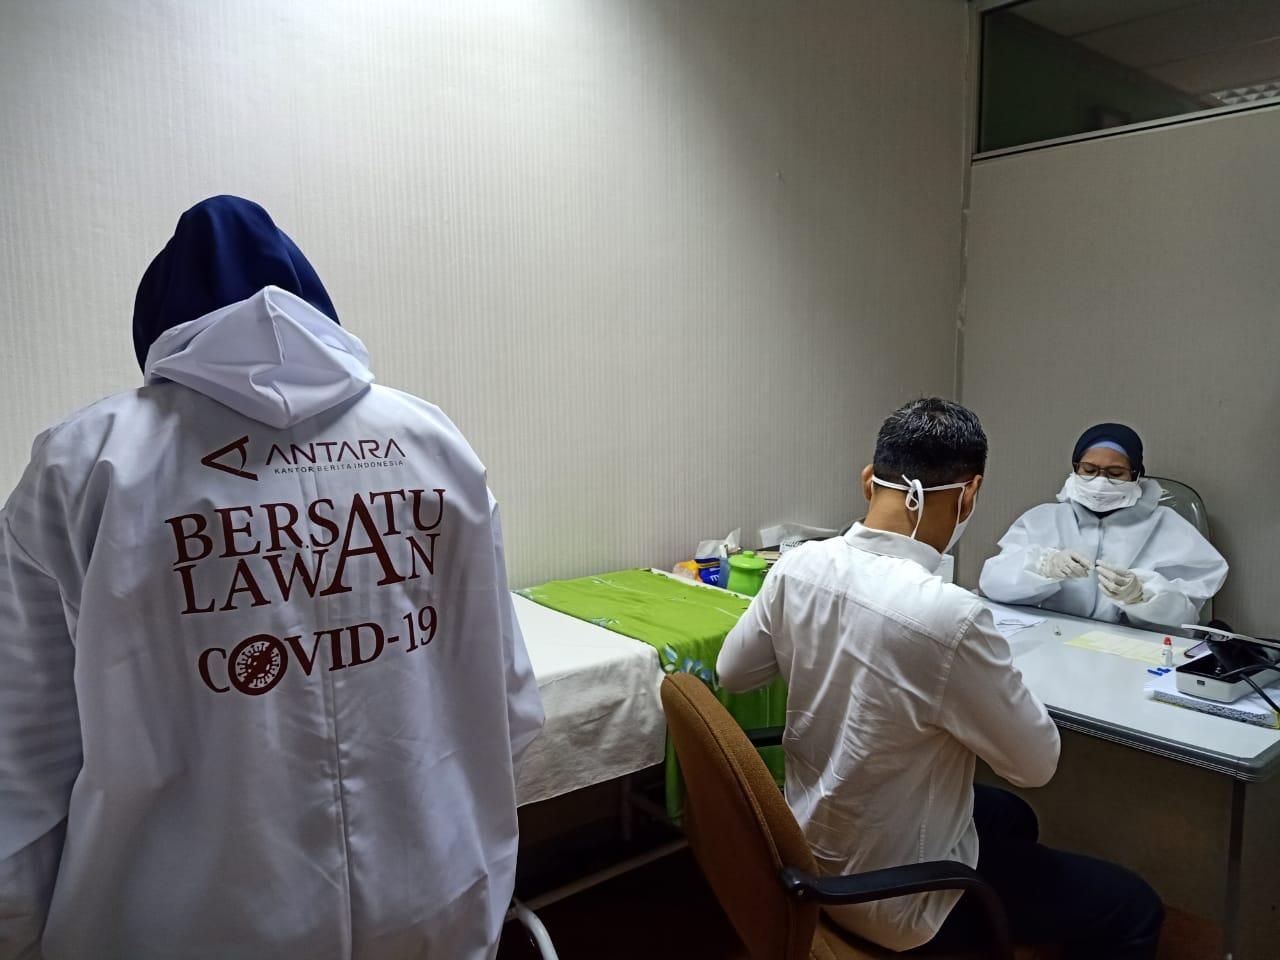 ANTARA BERSATU LAWAN COVID-19